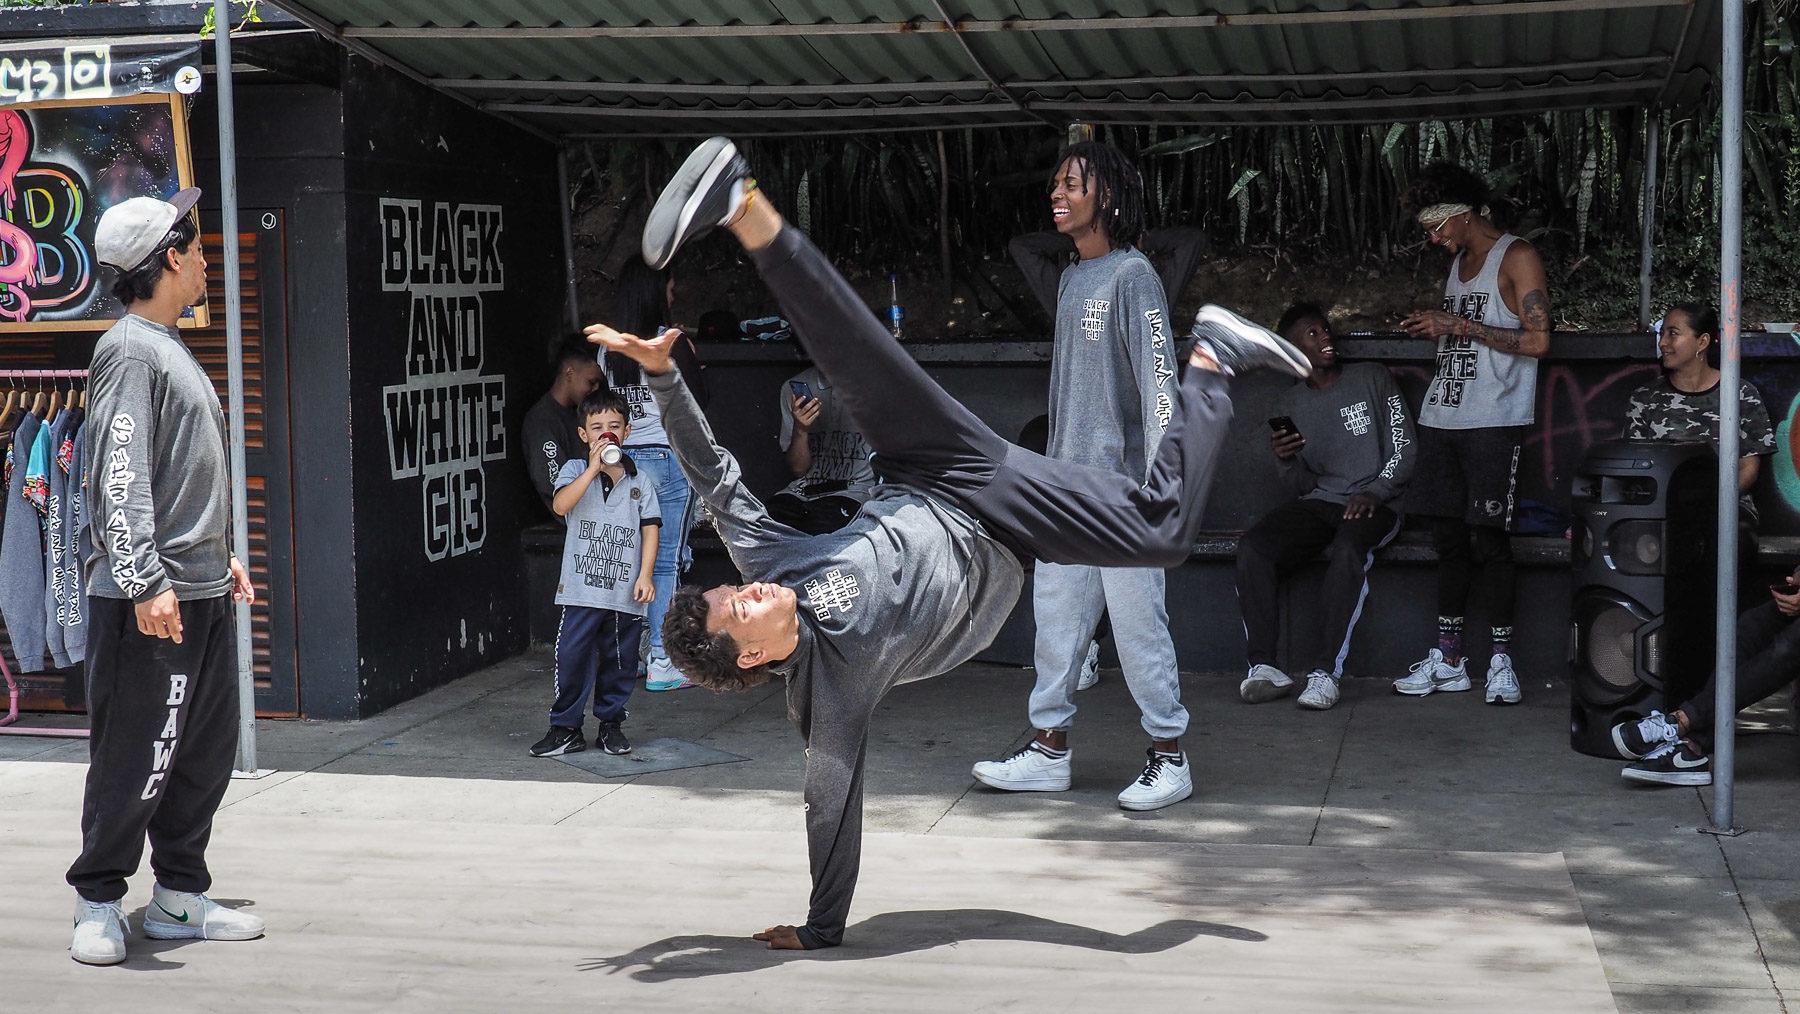 Die Jugend heute in der Comuna 13 mit Rap und Hip Hop